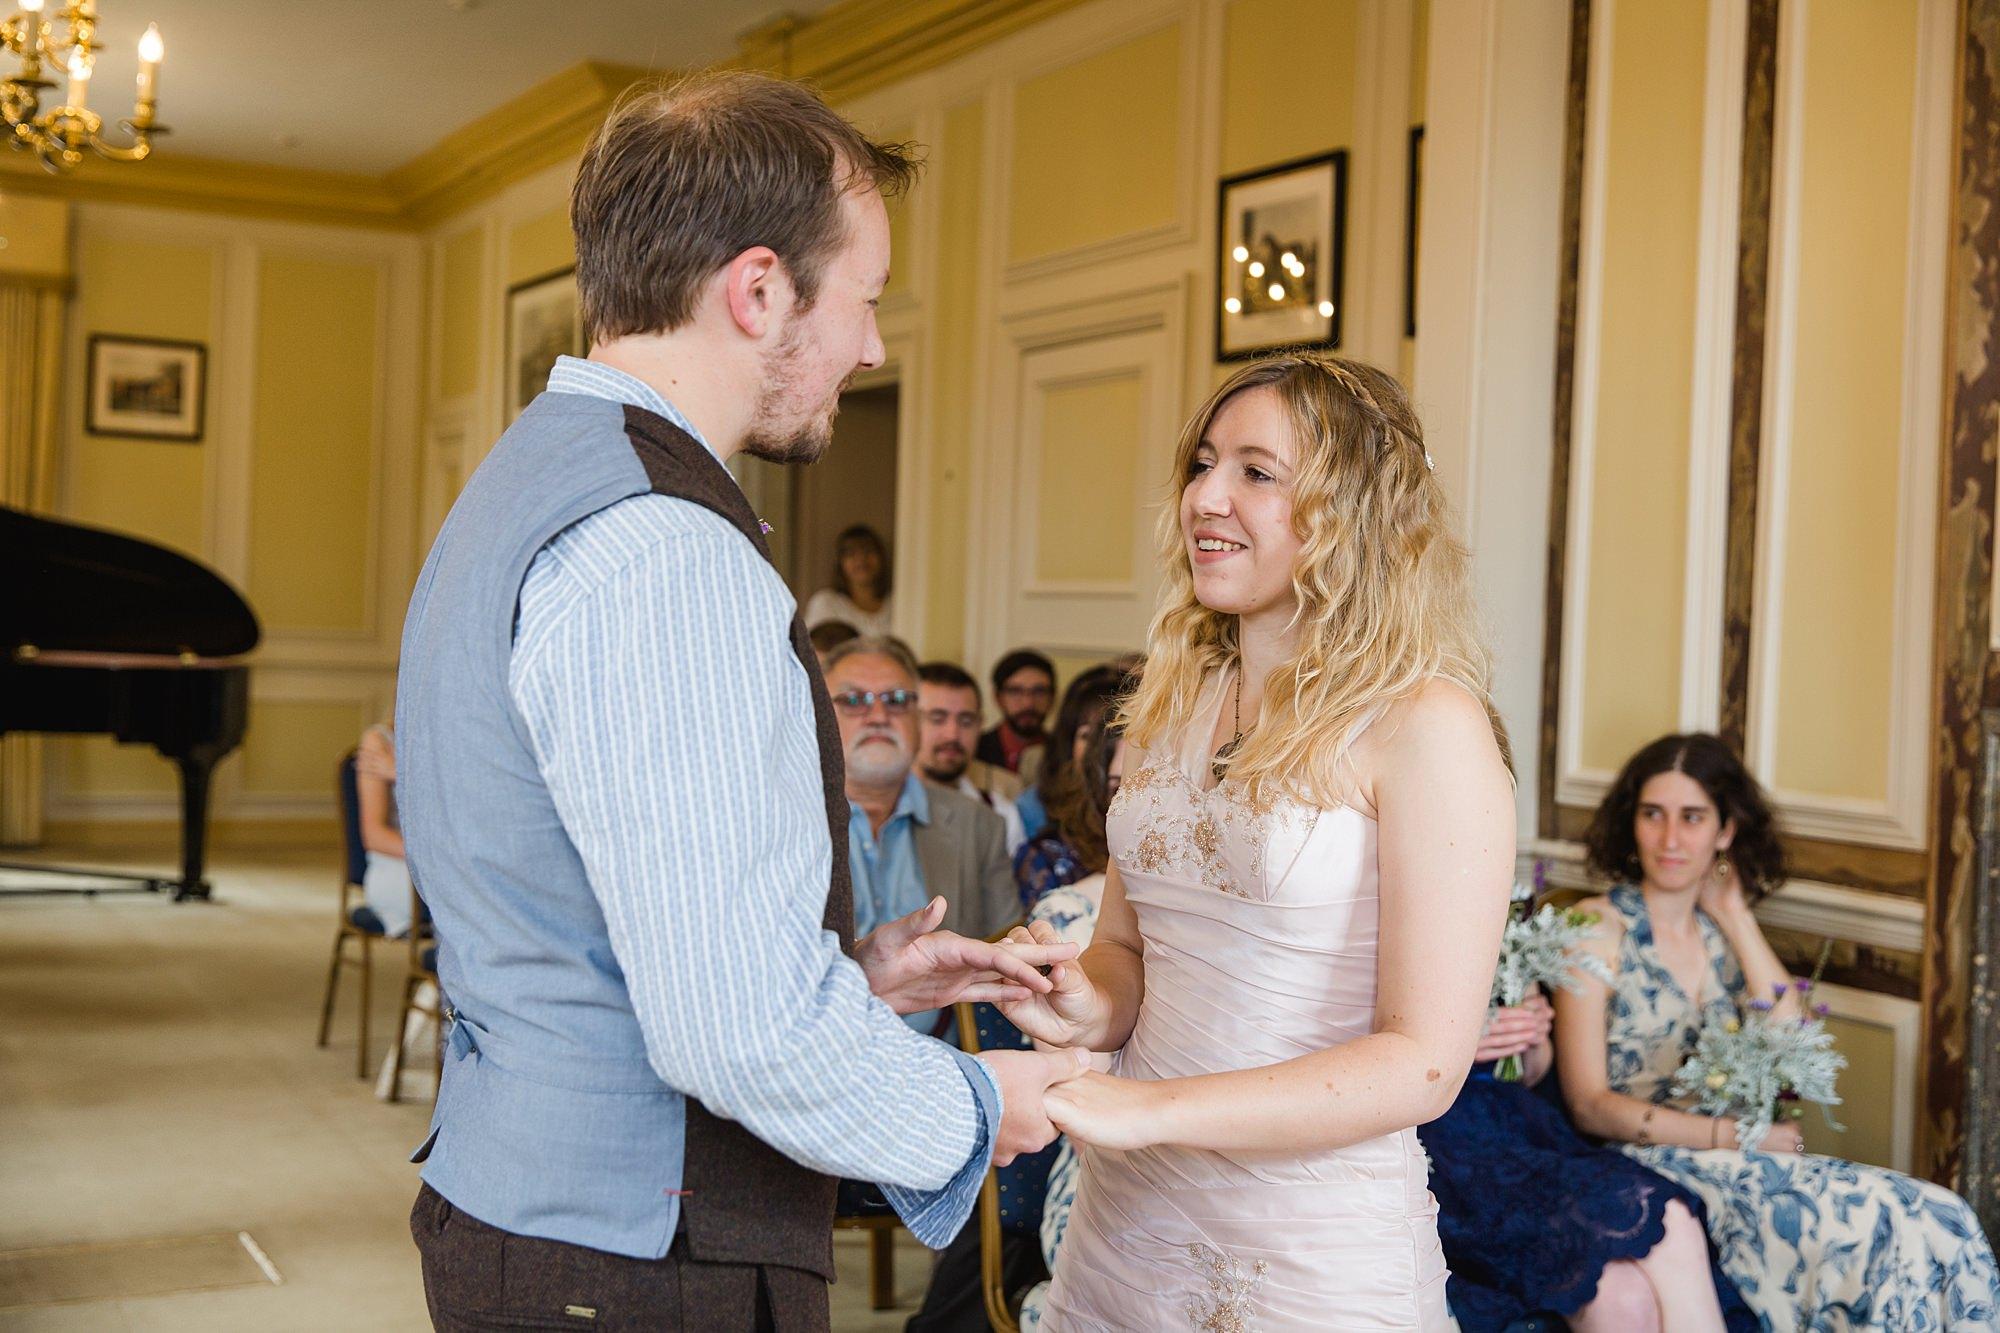 Fun village hall wedding bride and groom say vows at wedding ceremony